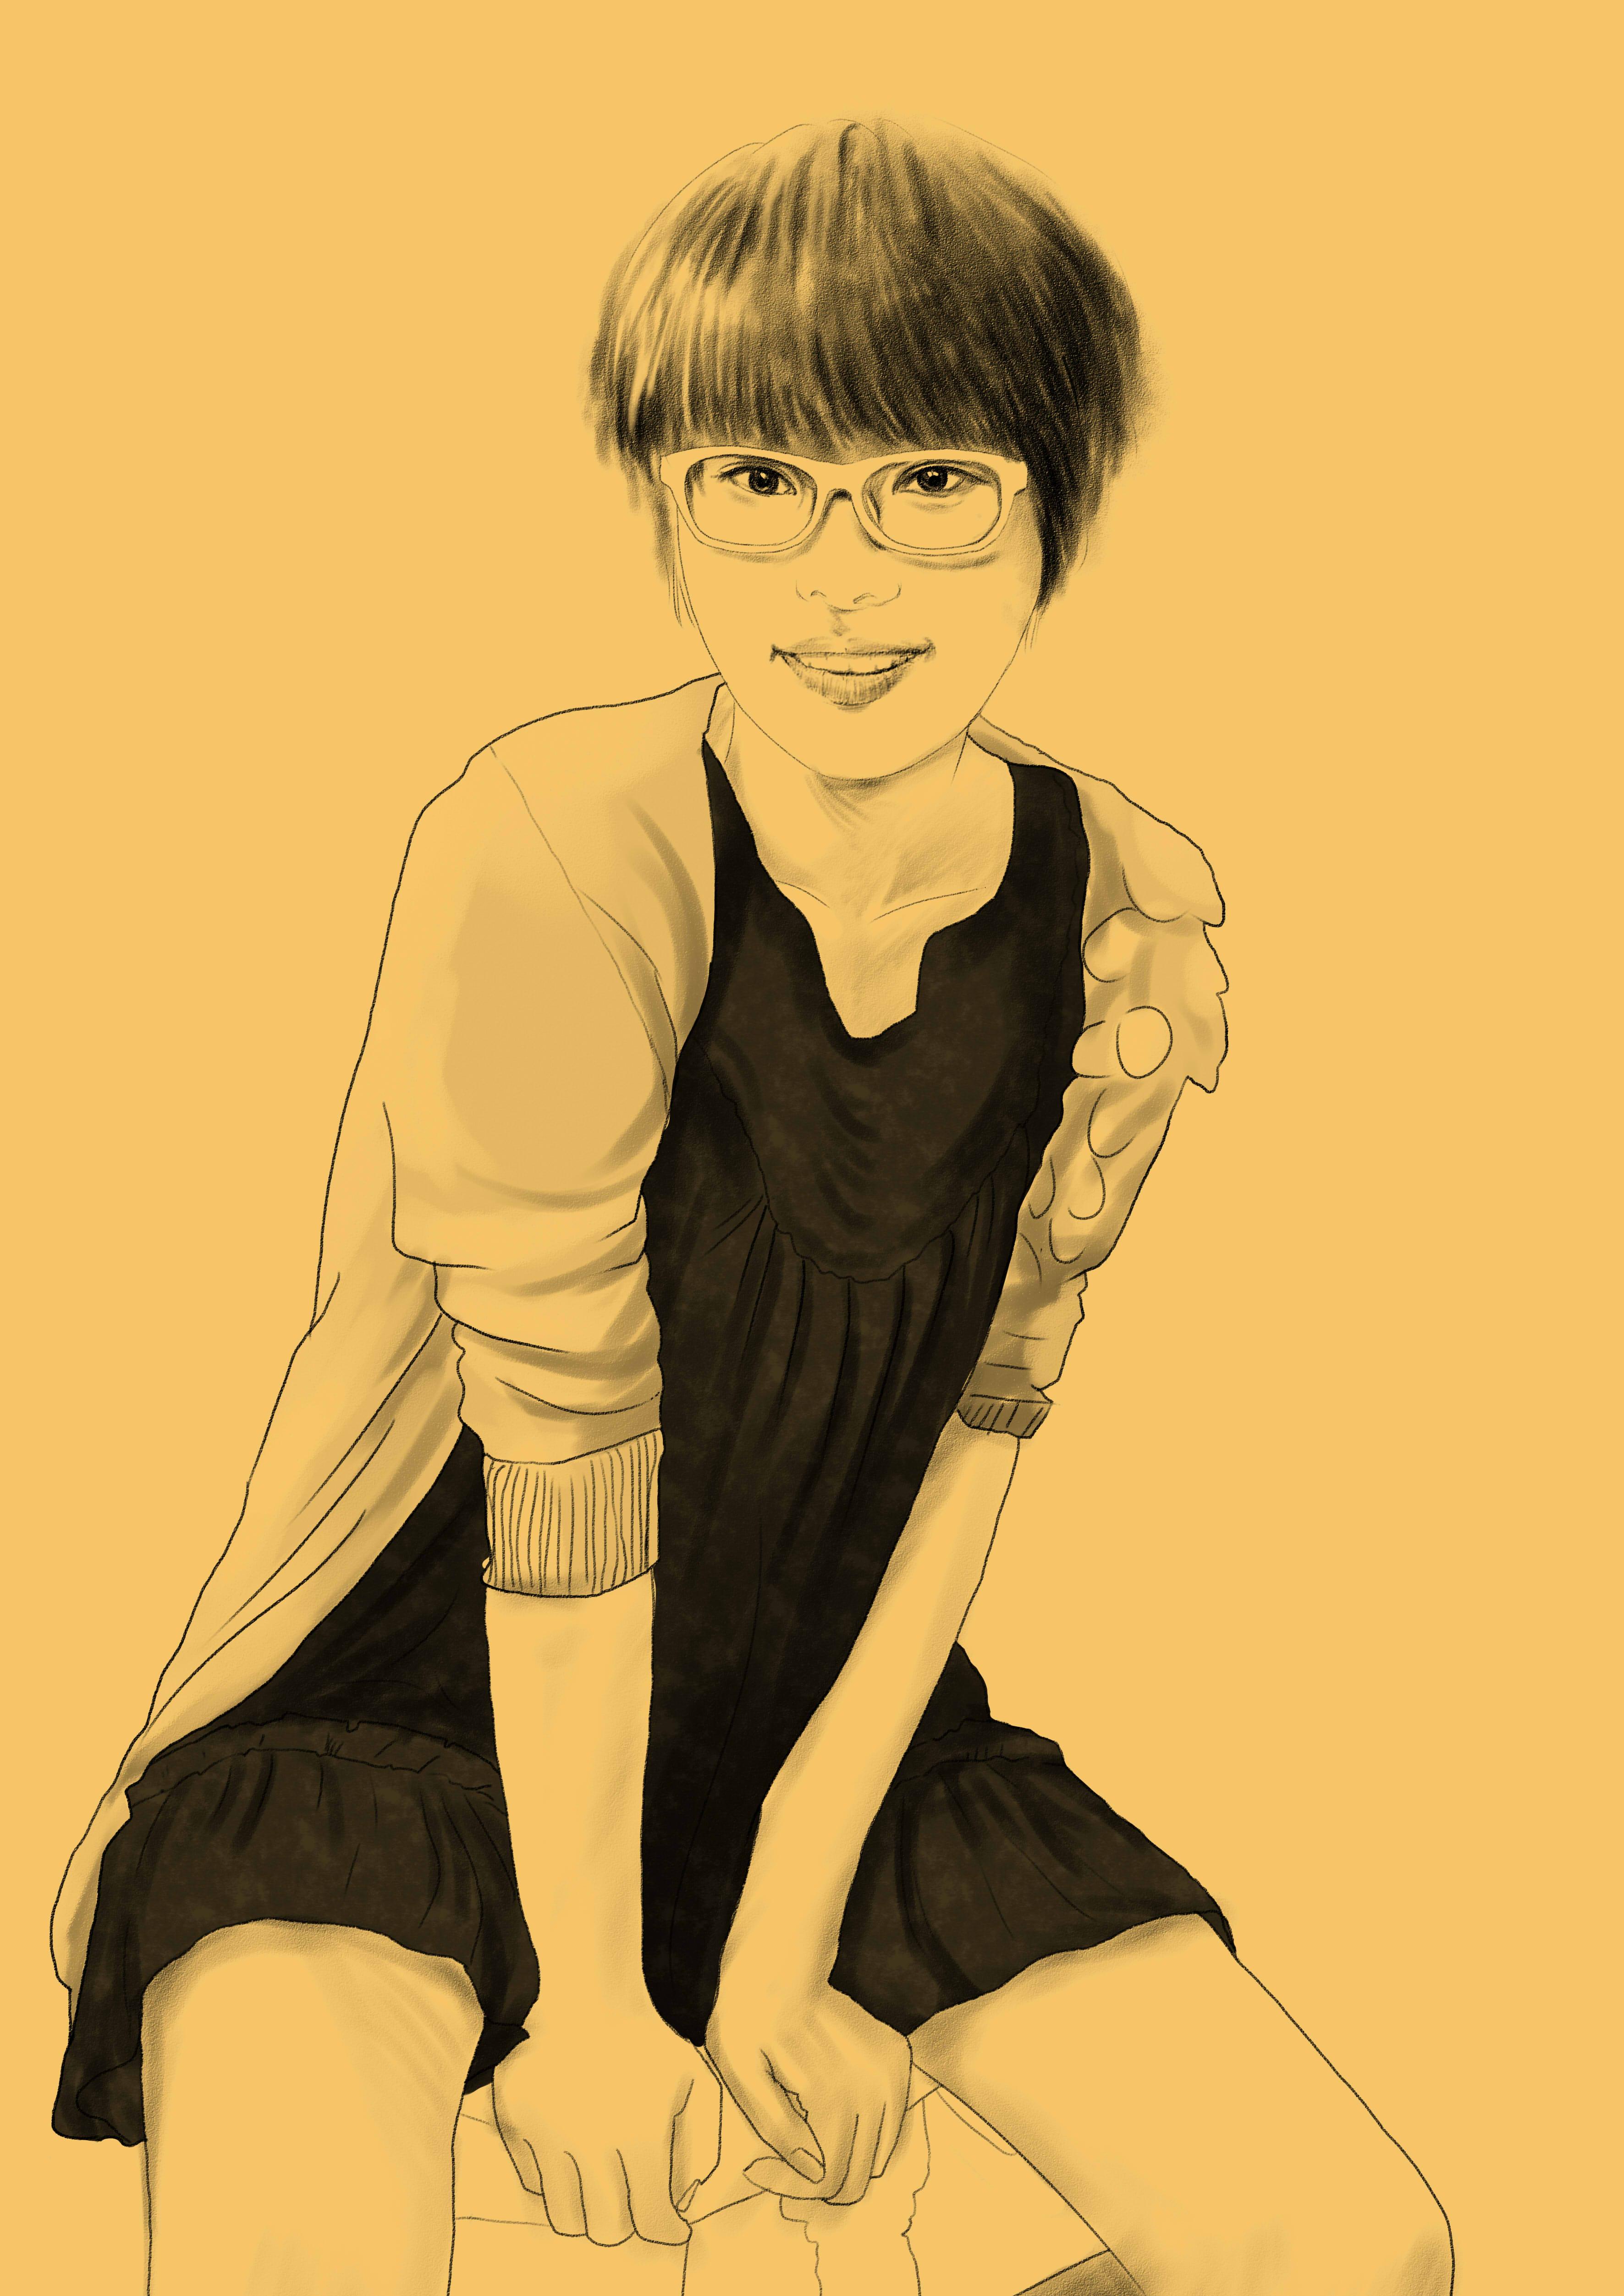 人物手绘素描|插画|像素画|晓绘趣味策划 - 原创作品